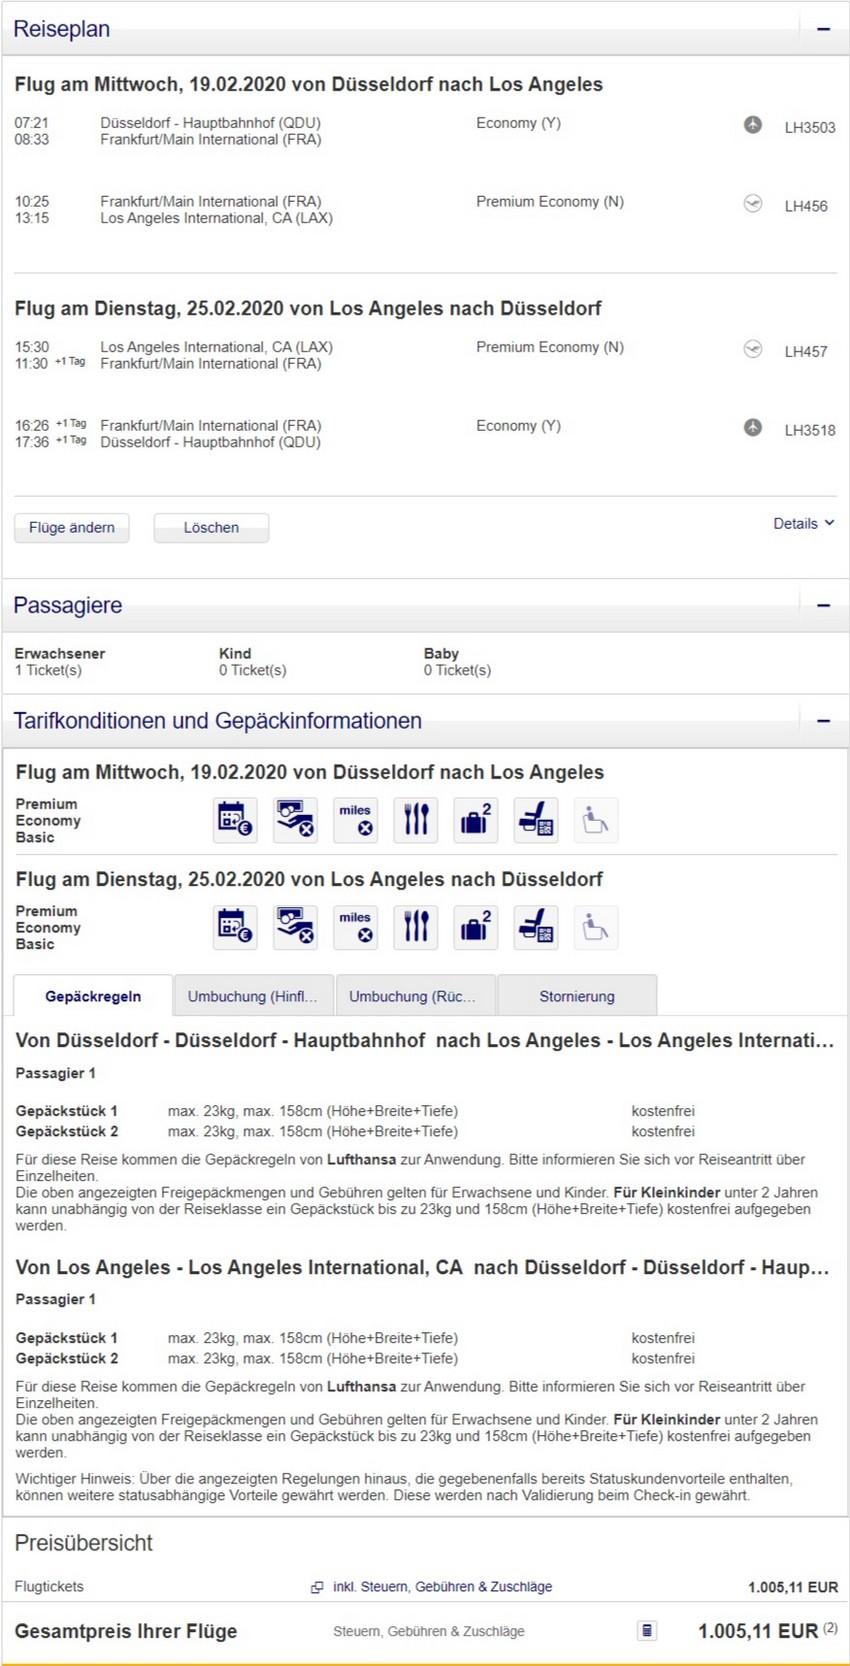 Preisbeispiel von Düsseldorf nach Los Angeles in der Lufthansa Premium-Economy-Class